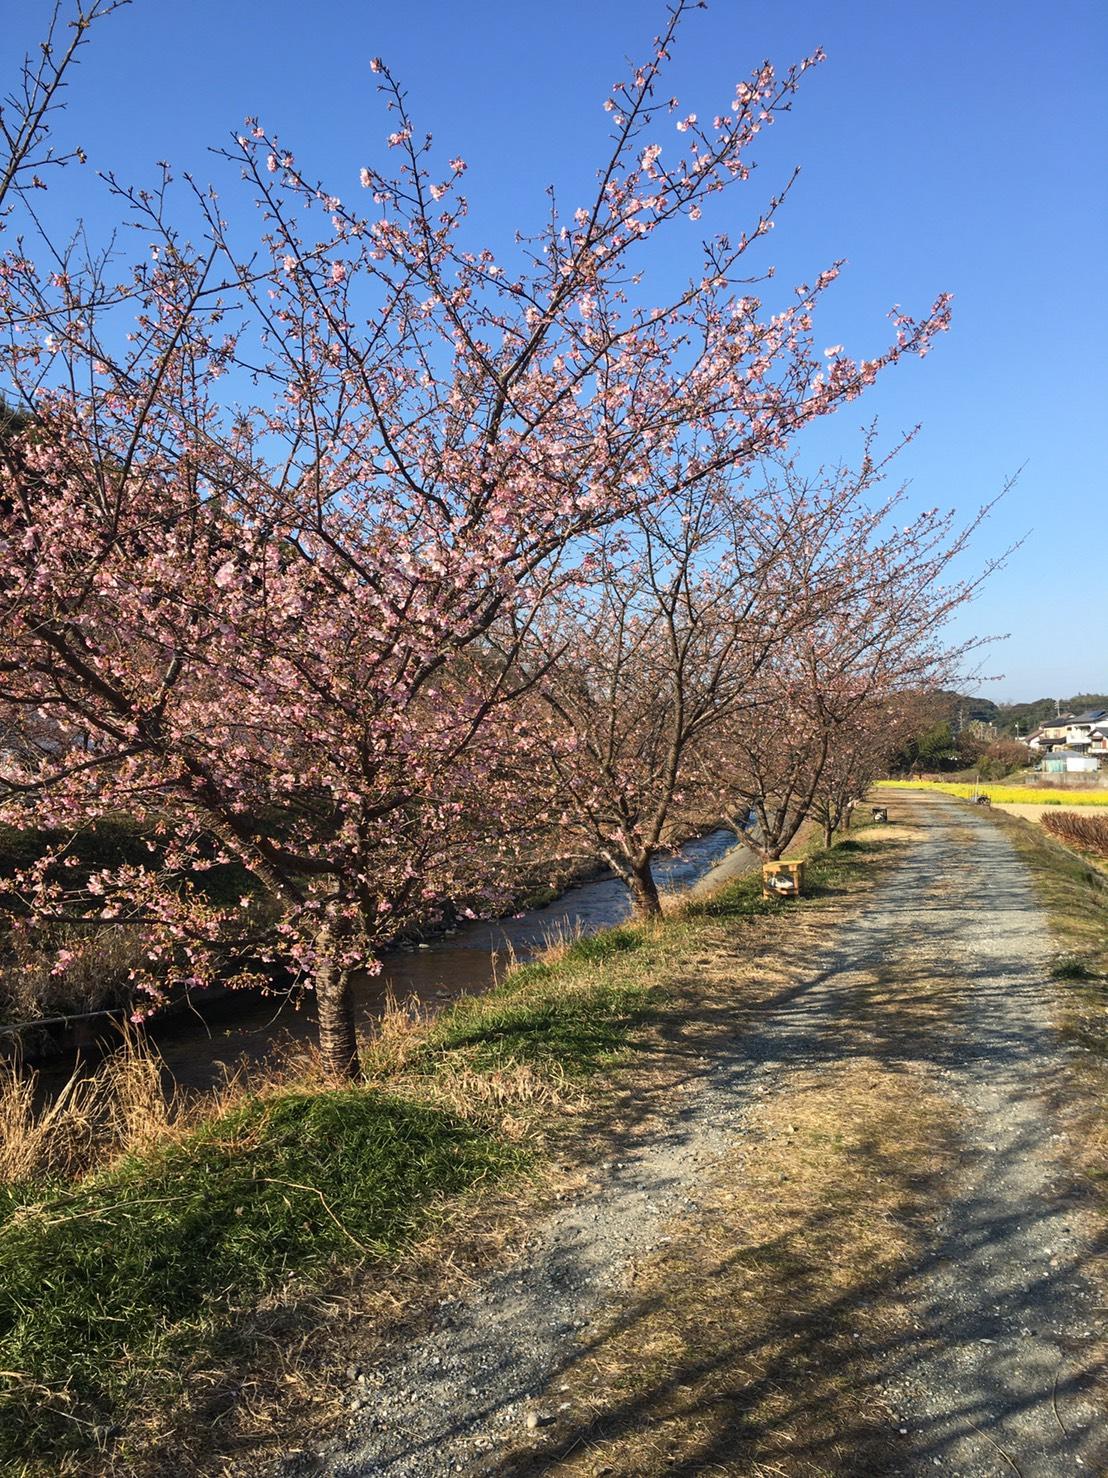 2021年2月20日の河津桜開花状況